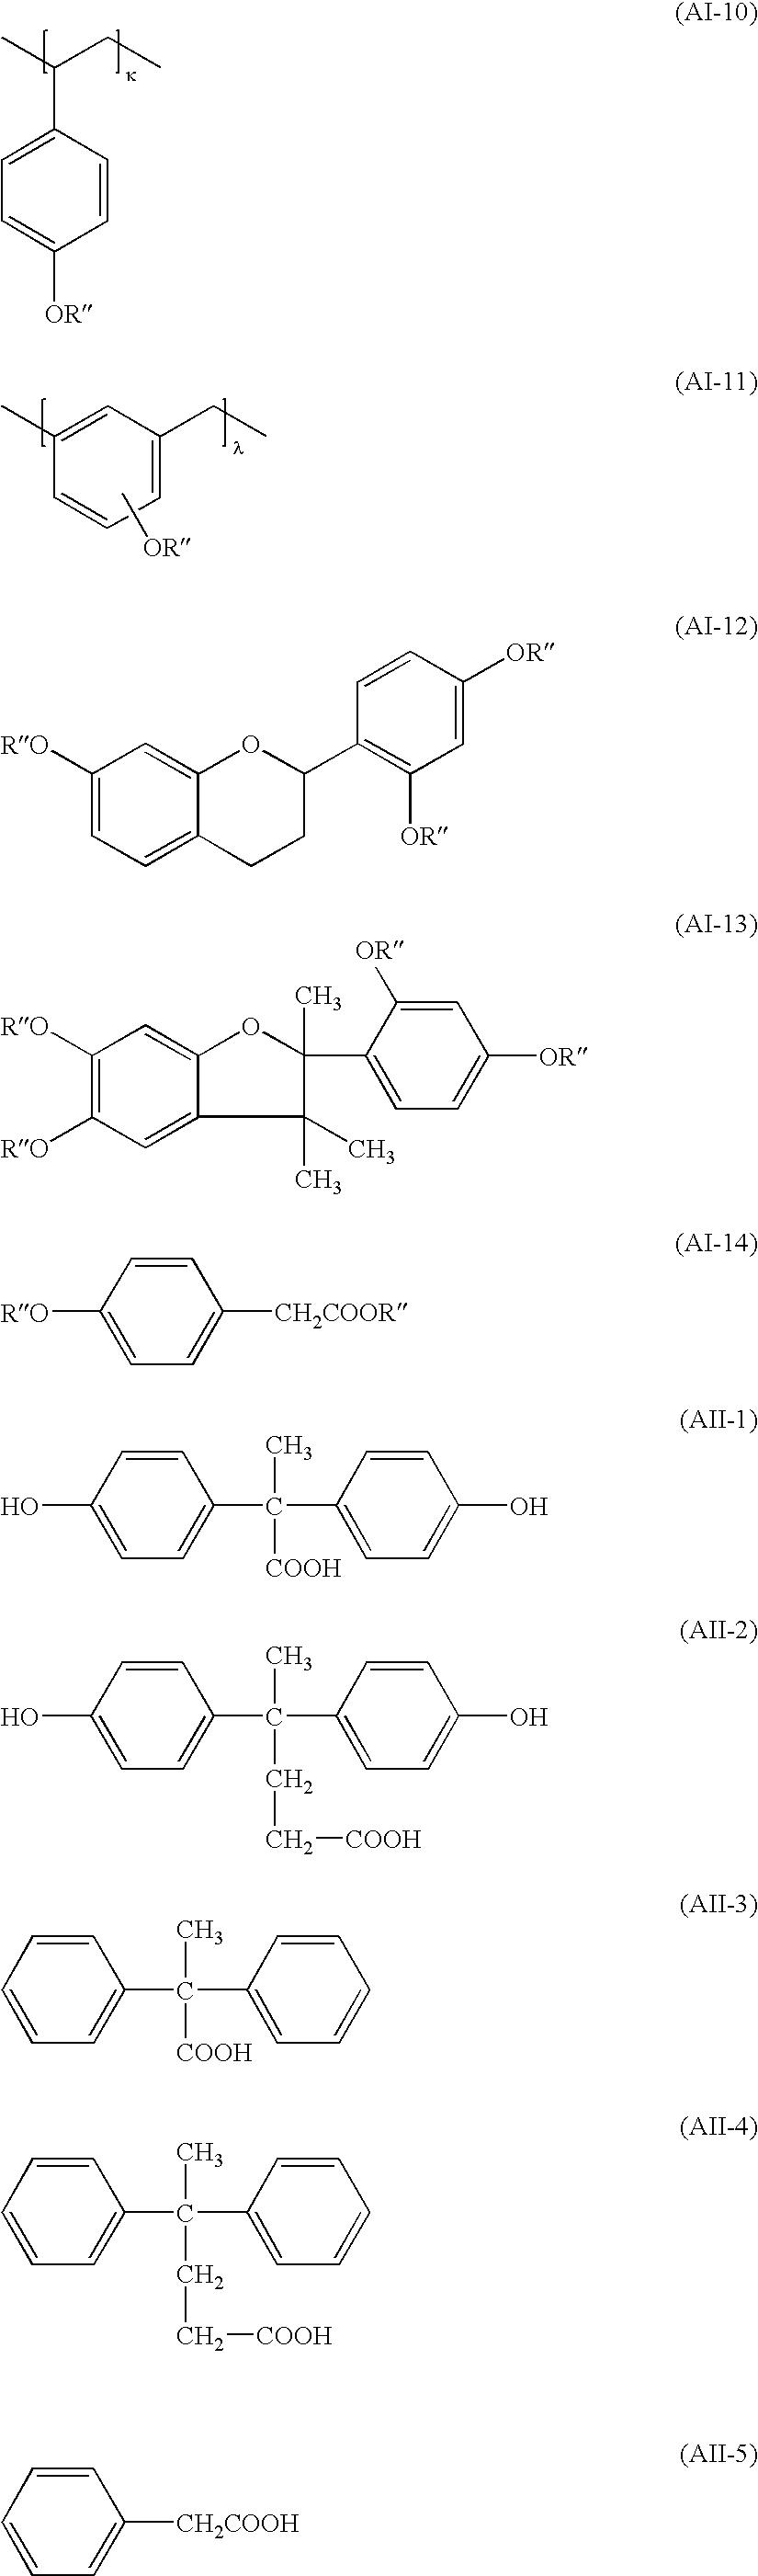 Figure US07537880-20090526-C00073